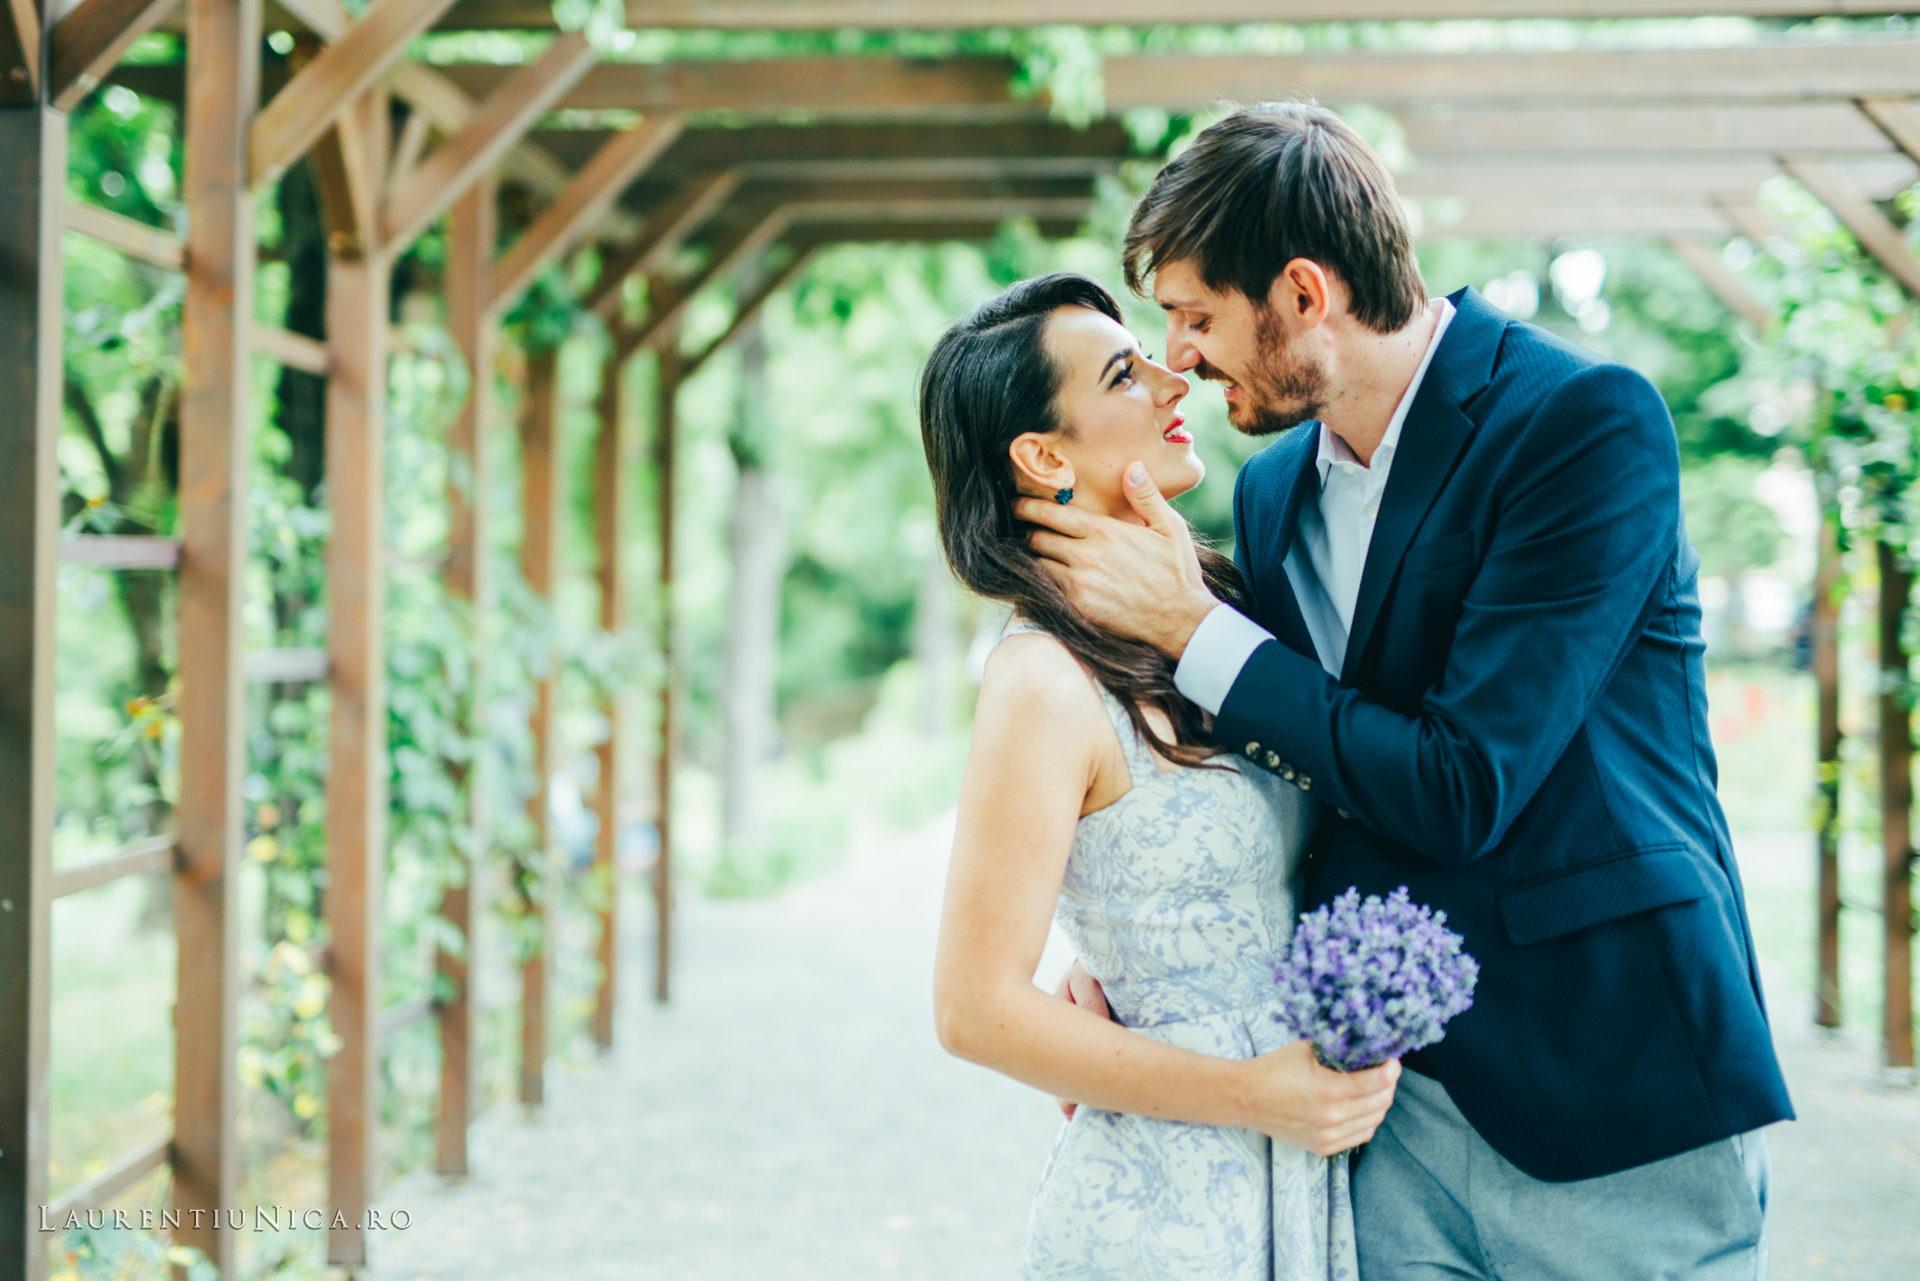 Cristina si Ovidiu nunta Craiova fotograf laurentiu nica 022 - Cristina & Ovidiu | Fotografii nunta | Craiova